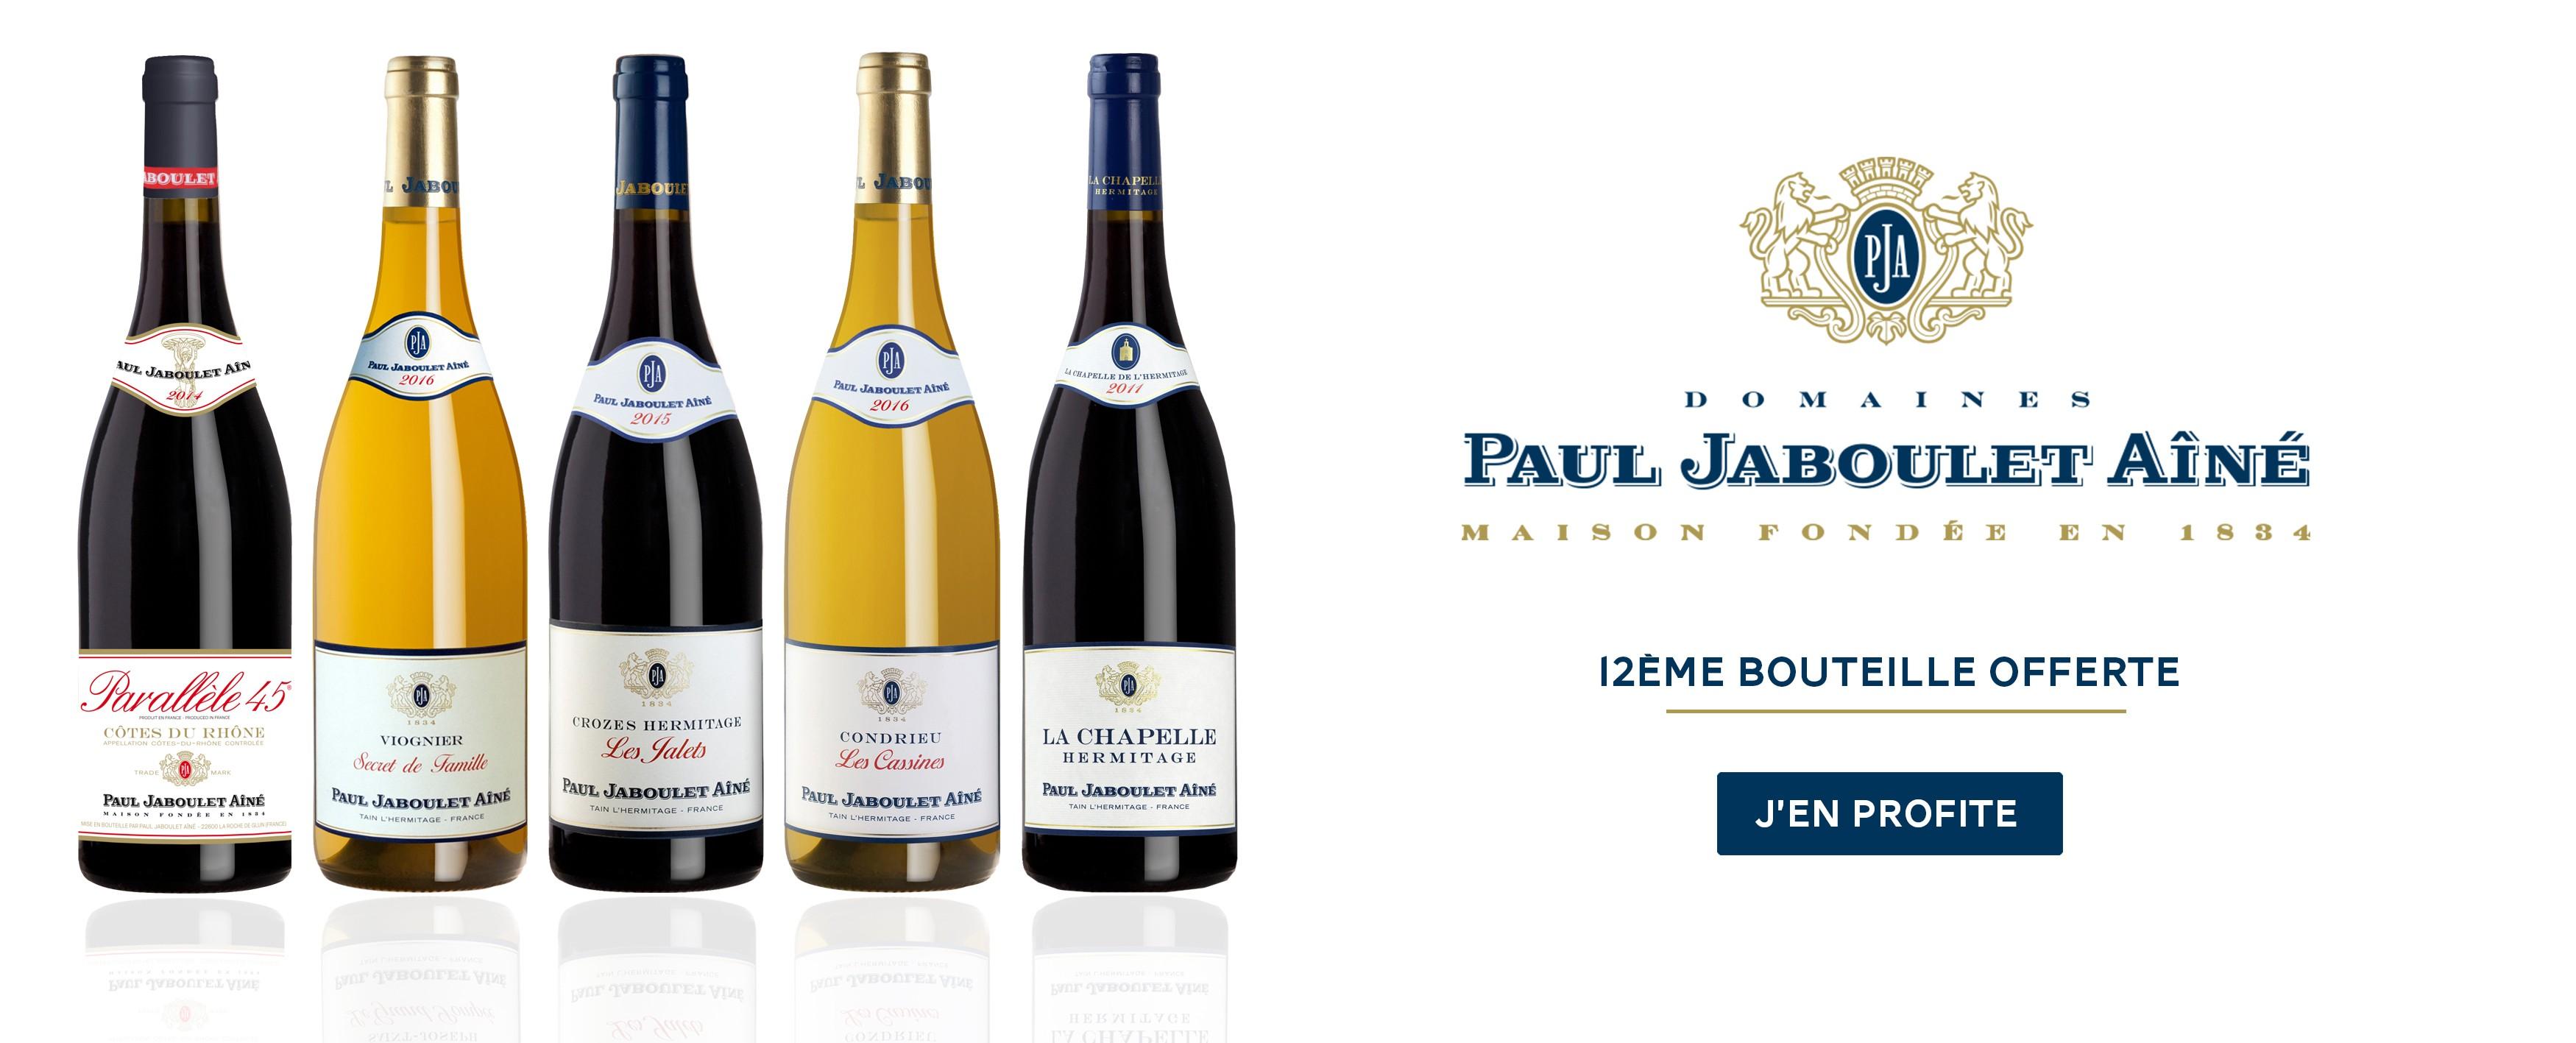 Maison Paul Jaboulet-Ainé